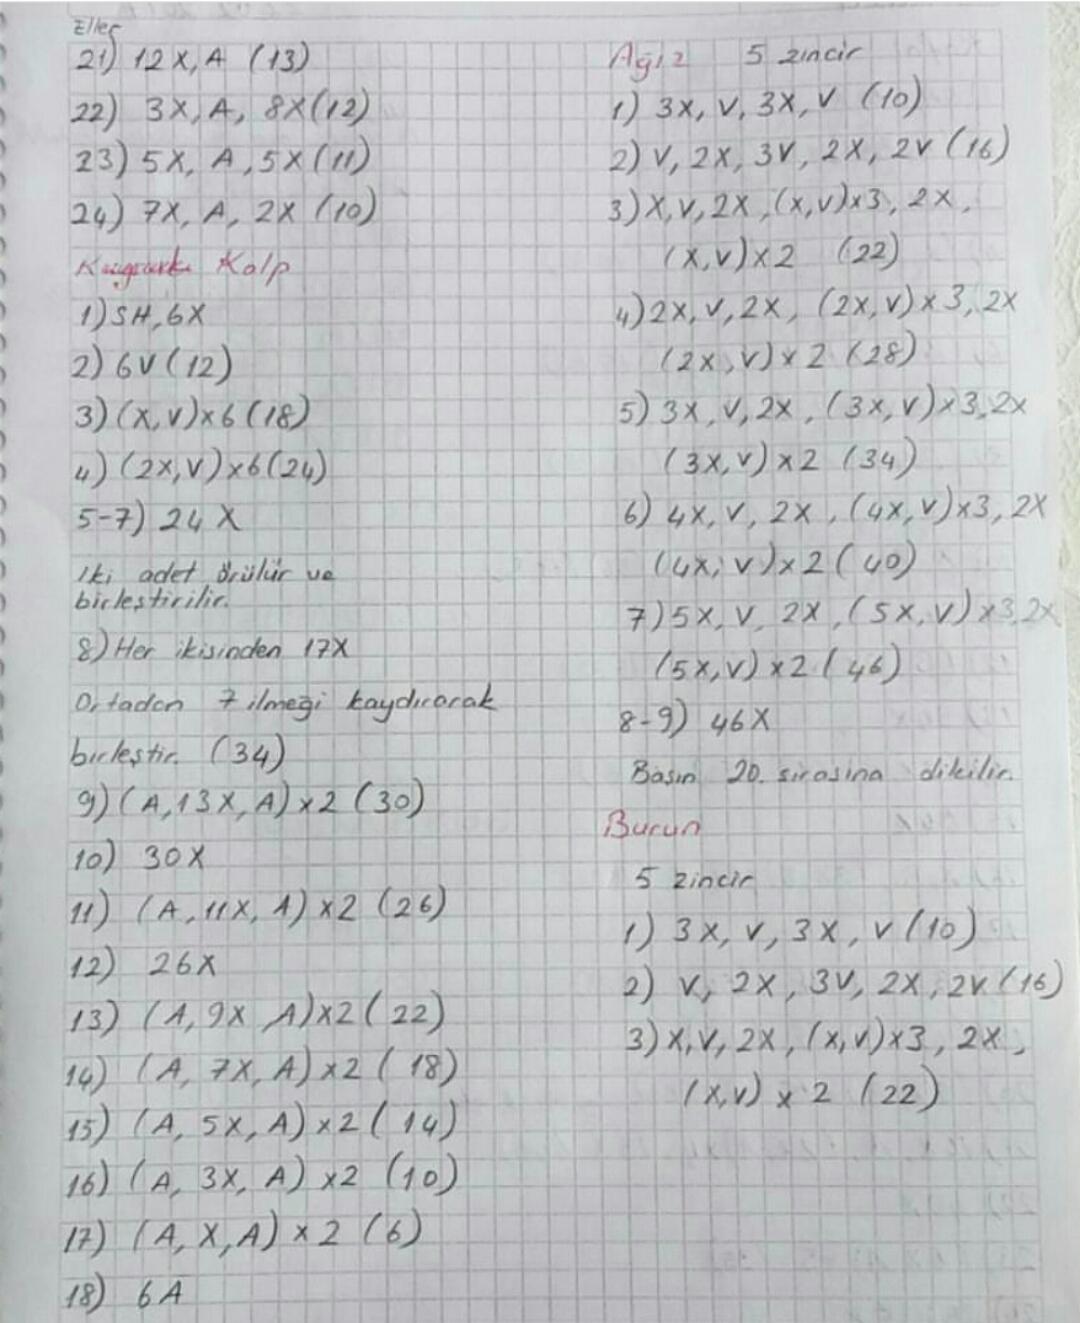 Amigurumi Elbiseli Ayıcık Ayak Yapımı part 3| Gülnur ÖZEL - YouTube | 1323x1080